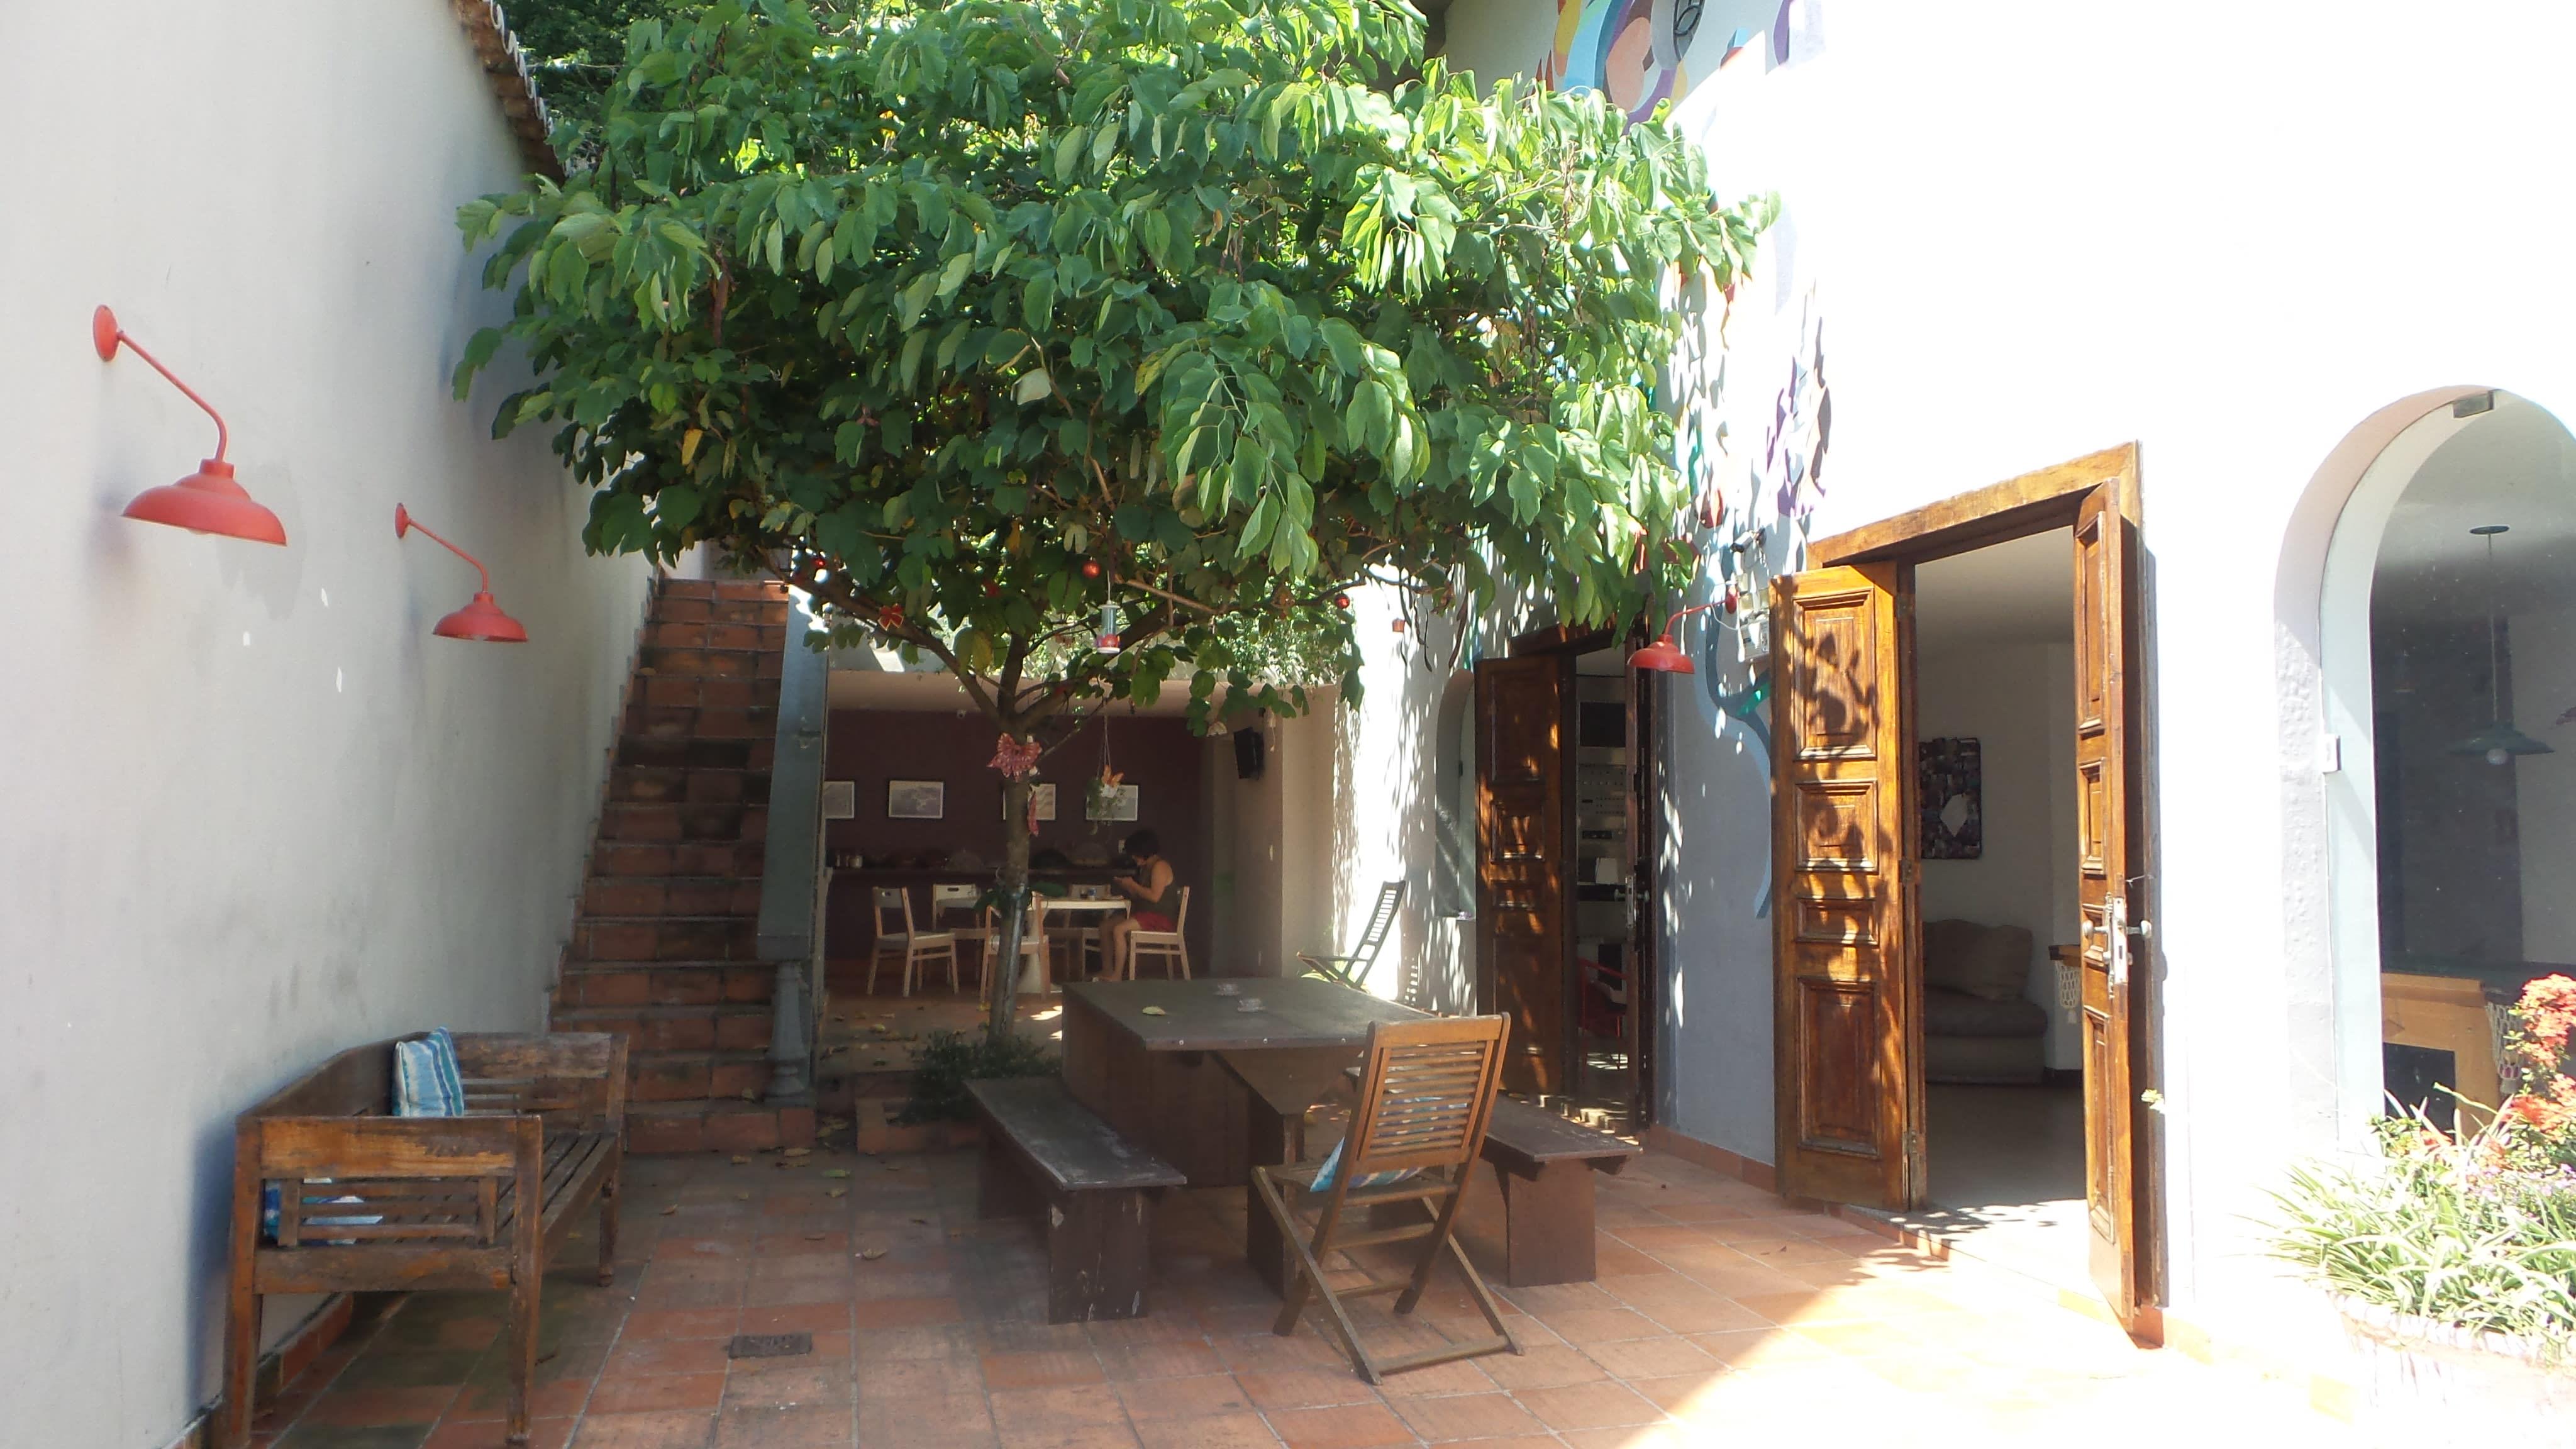 HOSTEL - Santa Tere Hostel